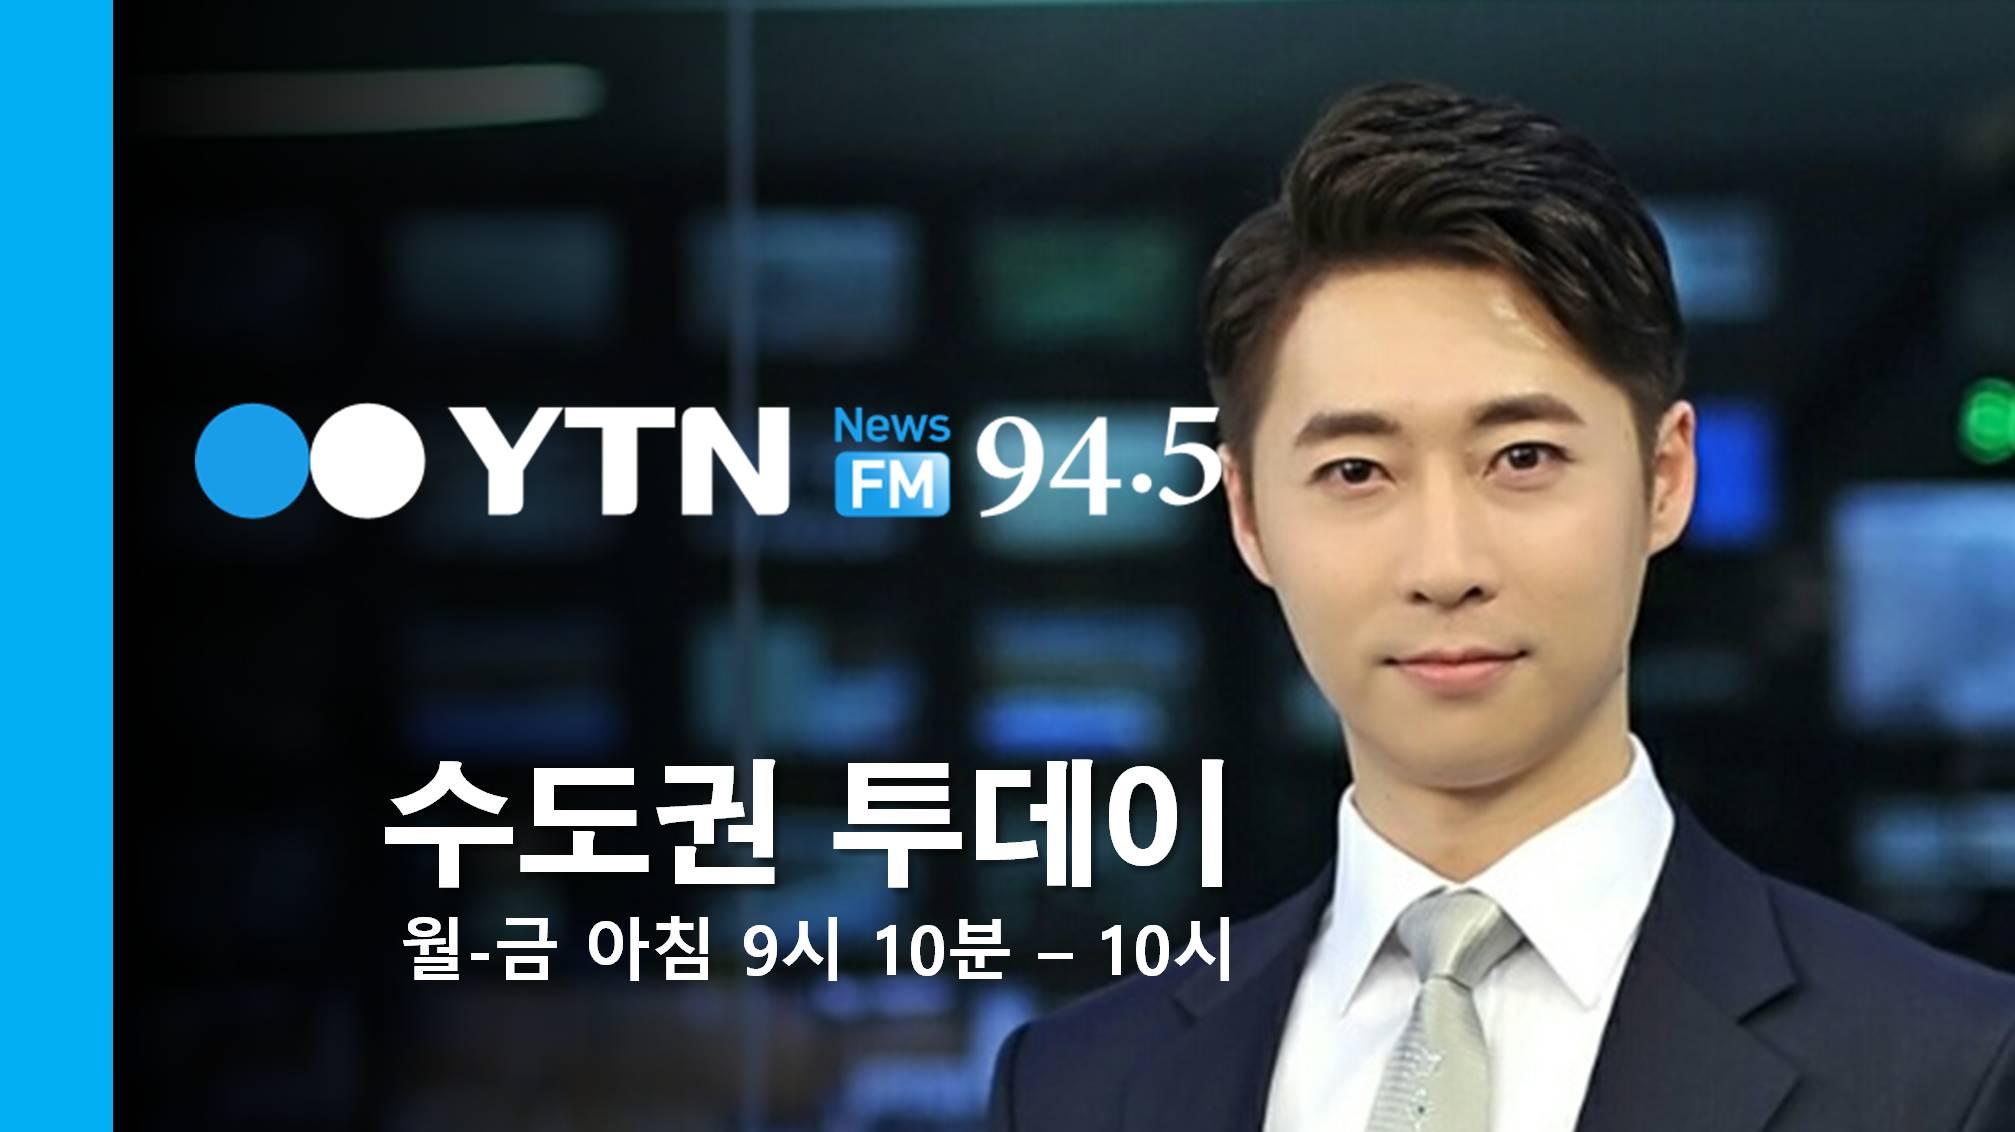 """[수도권] """"2019 연말정산, 가족 간 중복공제 주의하세요!"""""""